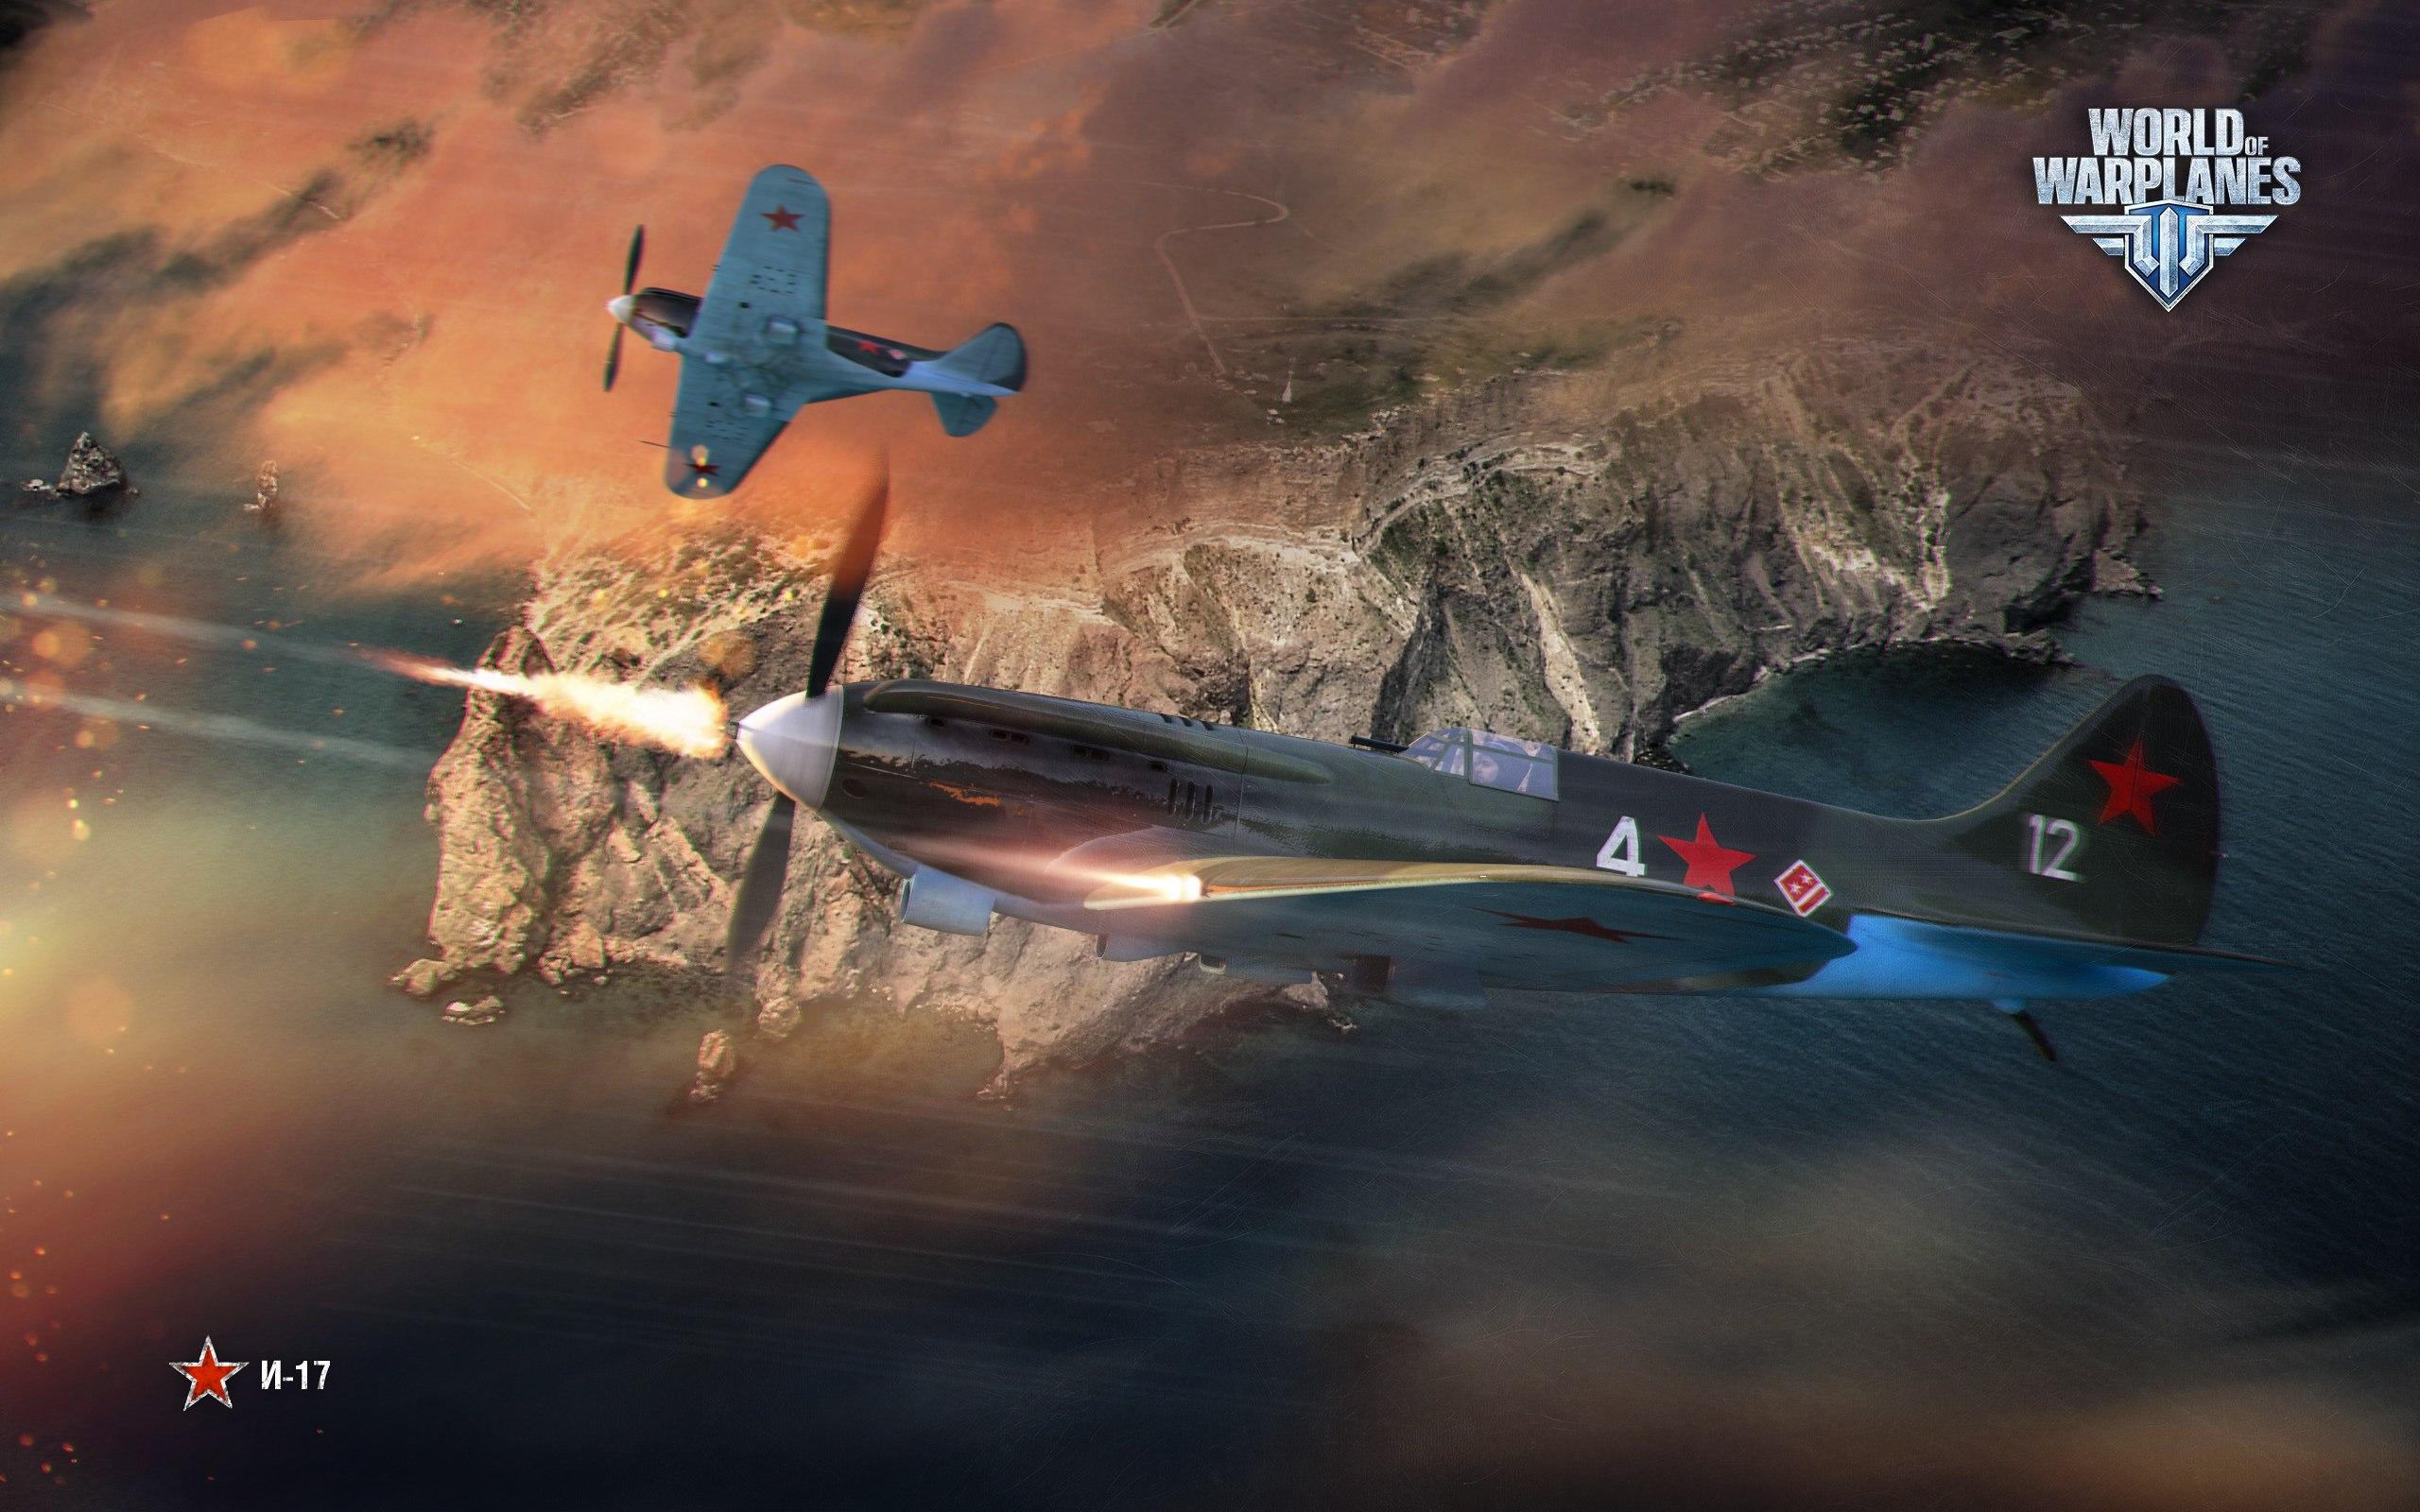 рисунок World of Warplanes И-17